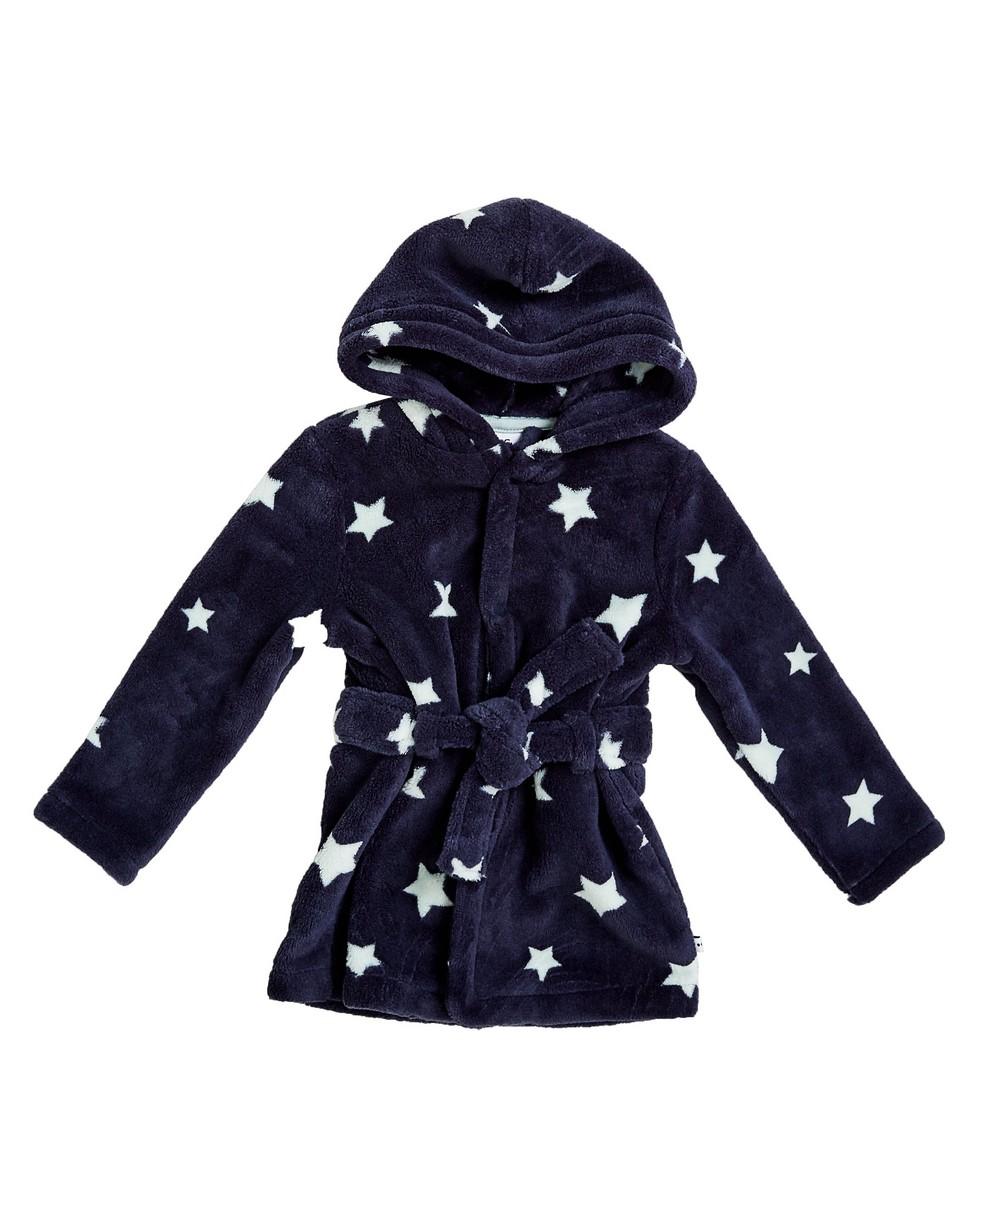 Accessoires pour bébés - assortment -. Previous. Peignoir bleu nuit - avec  un imprimé d étoiles - JBC 4a0c00430dc